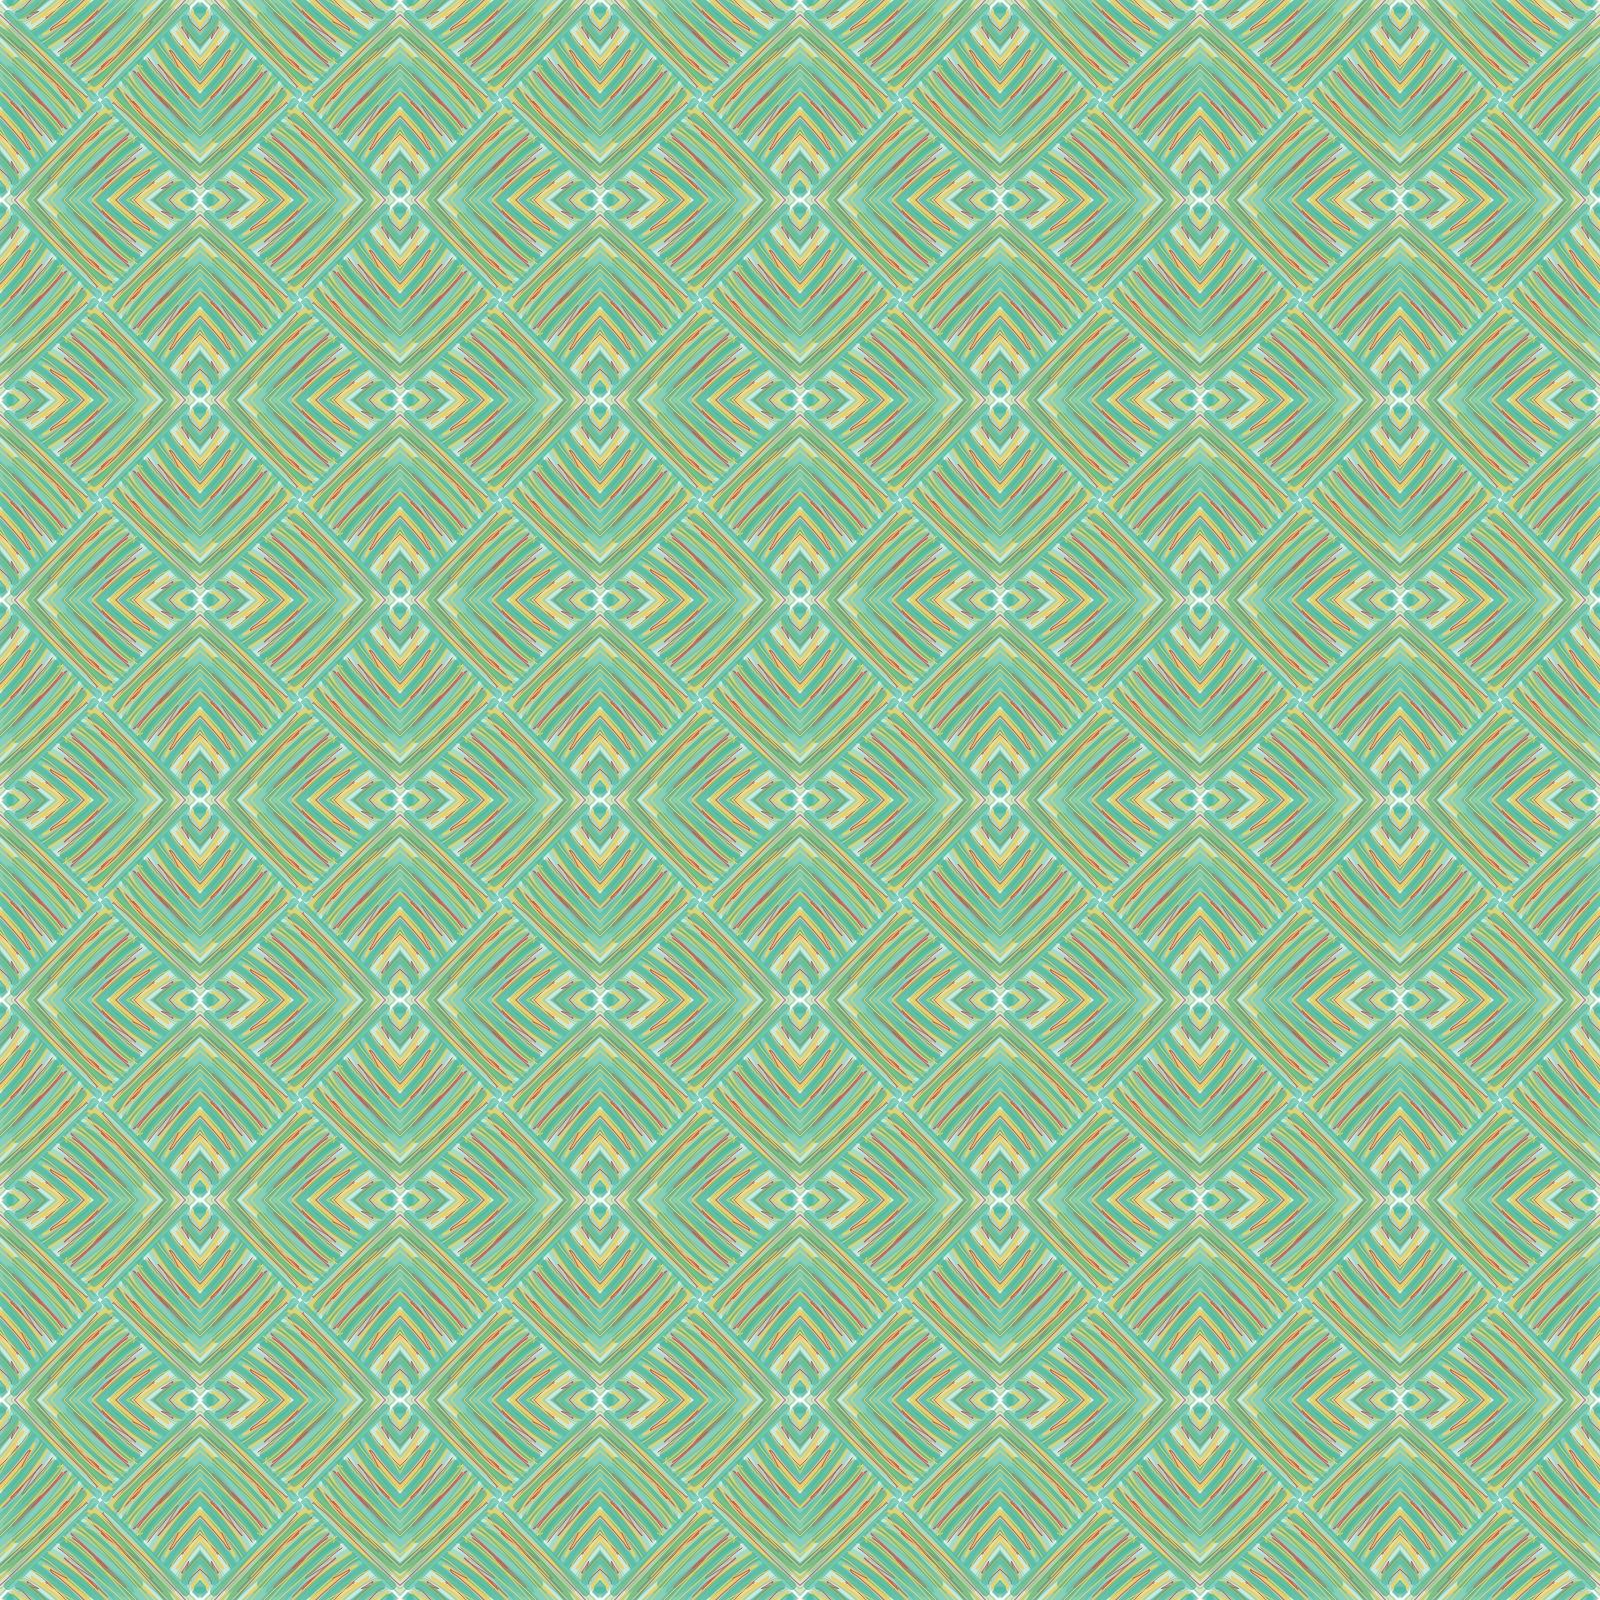 042_tiled